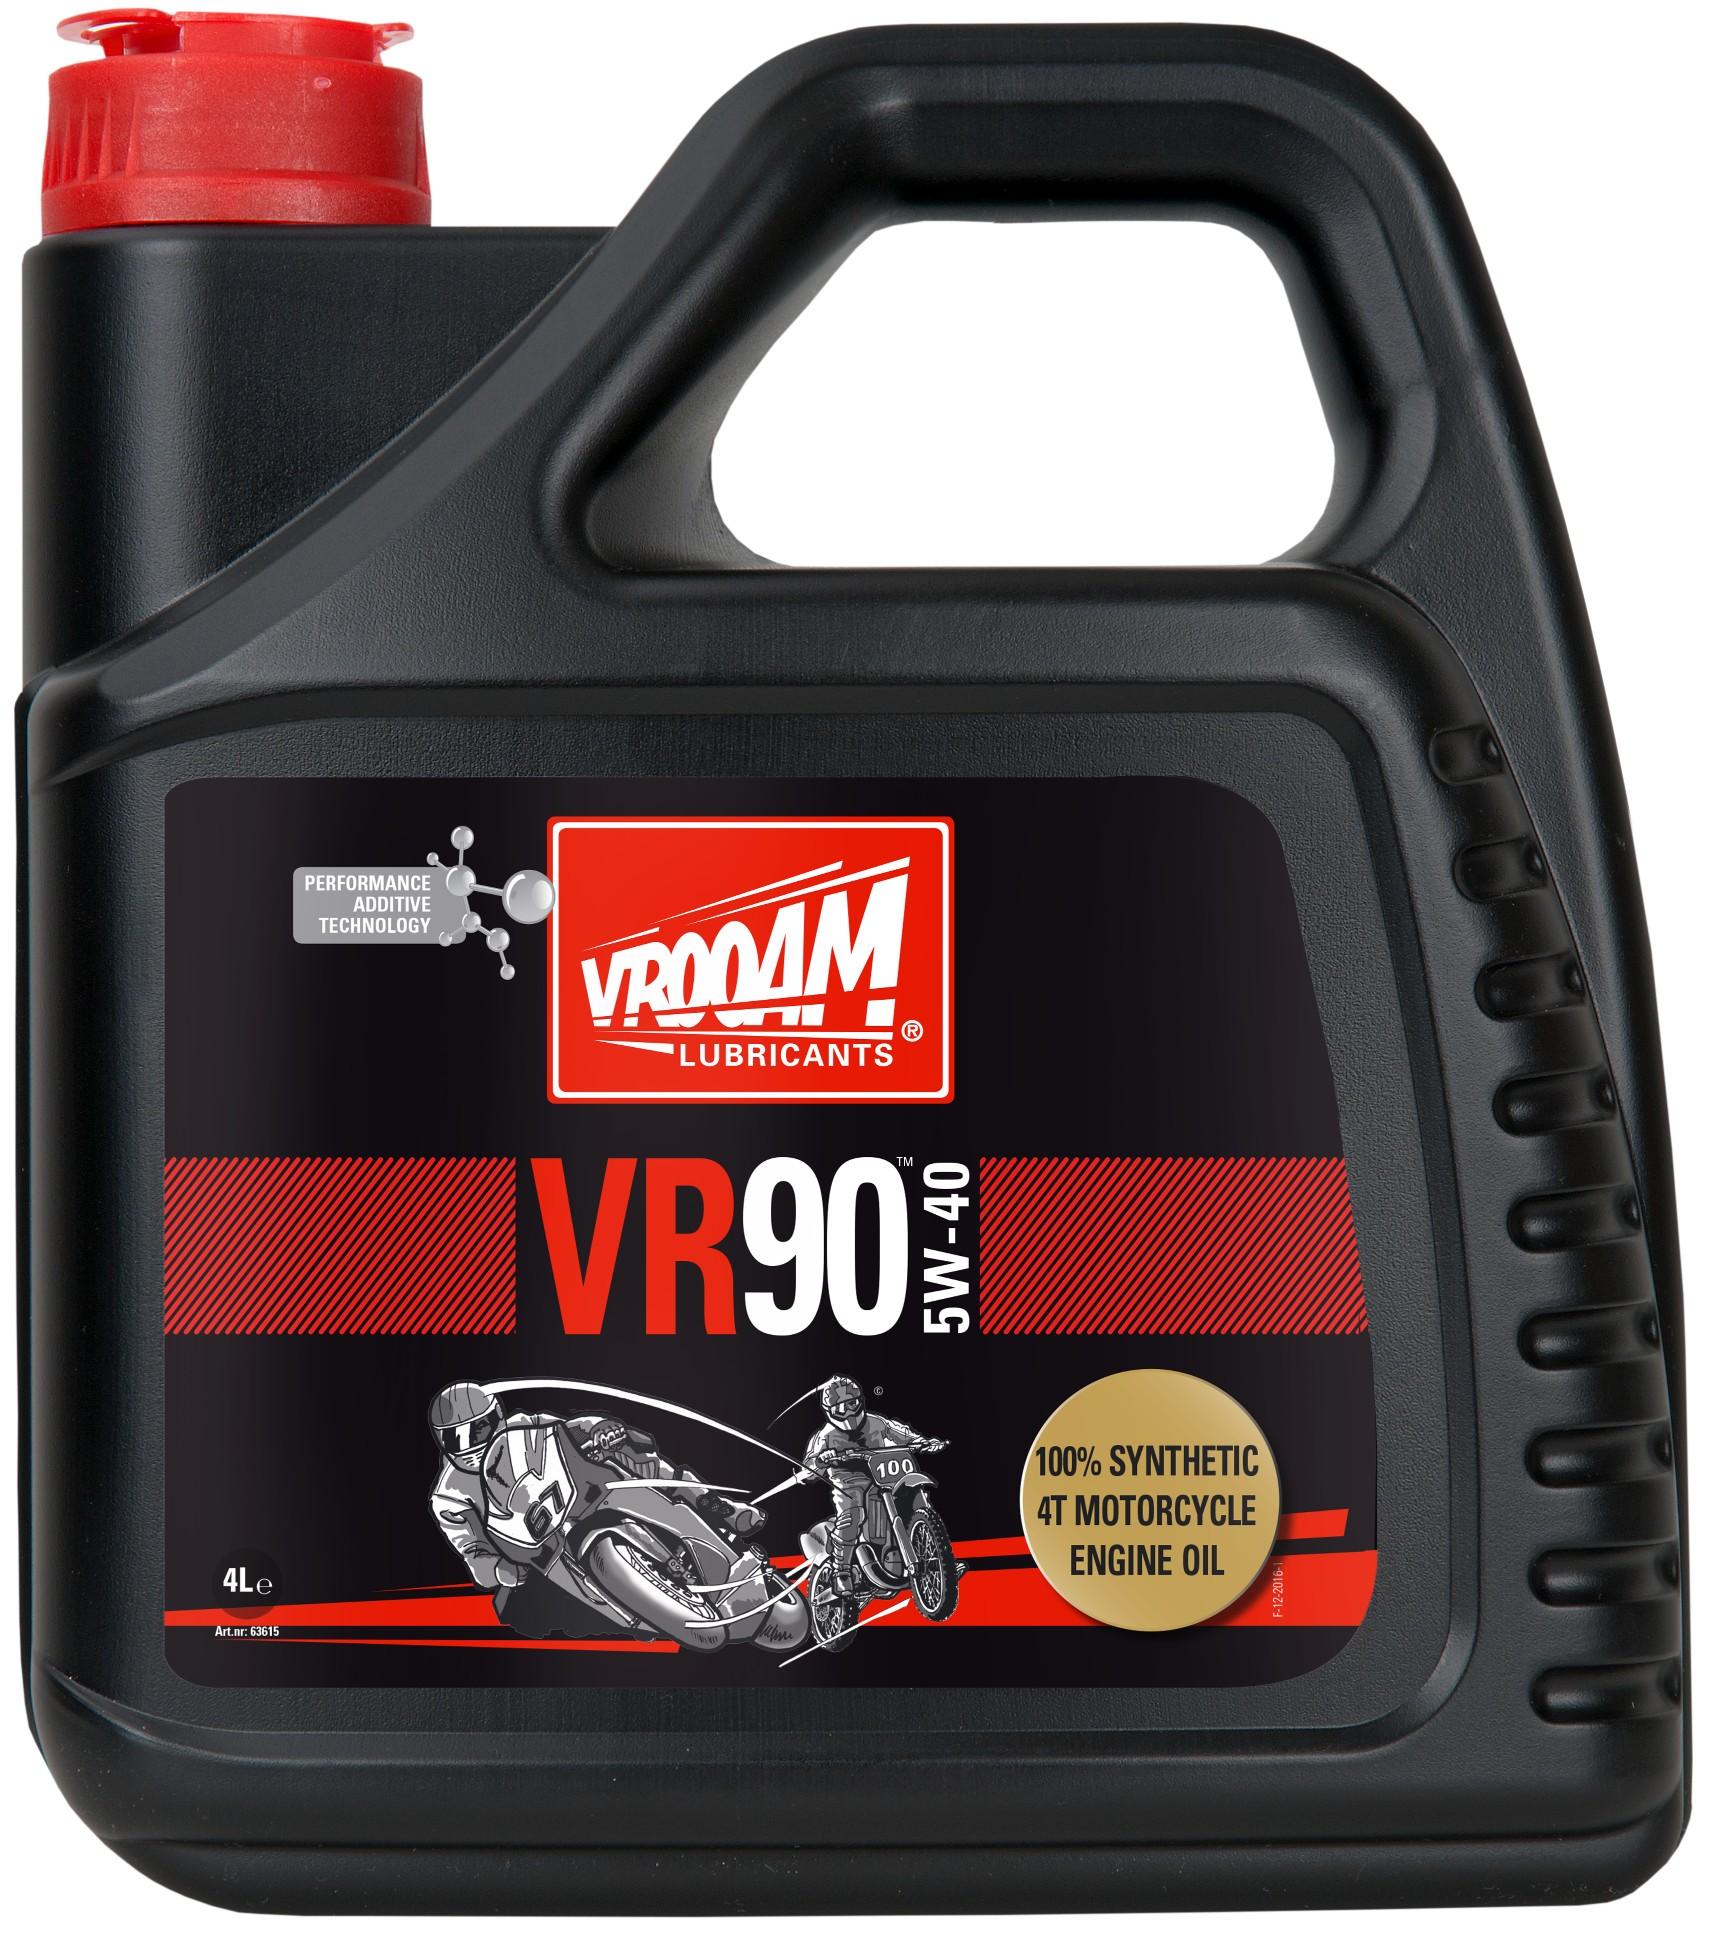 Vrooam VR90 5W40 4ltr